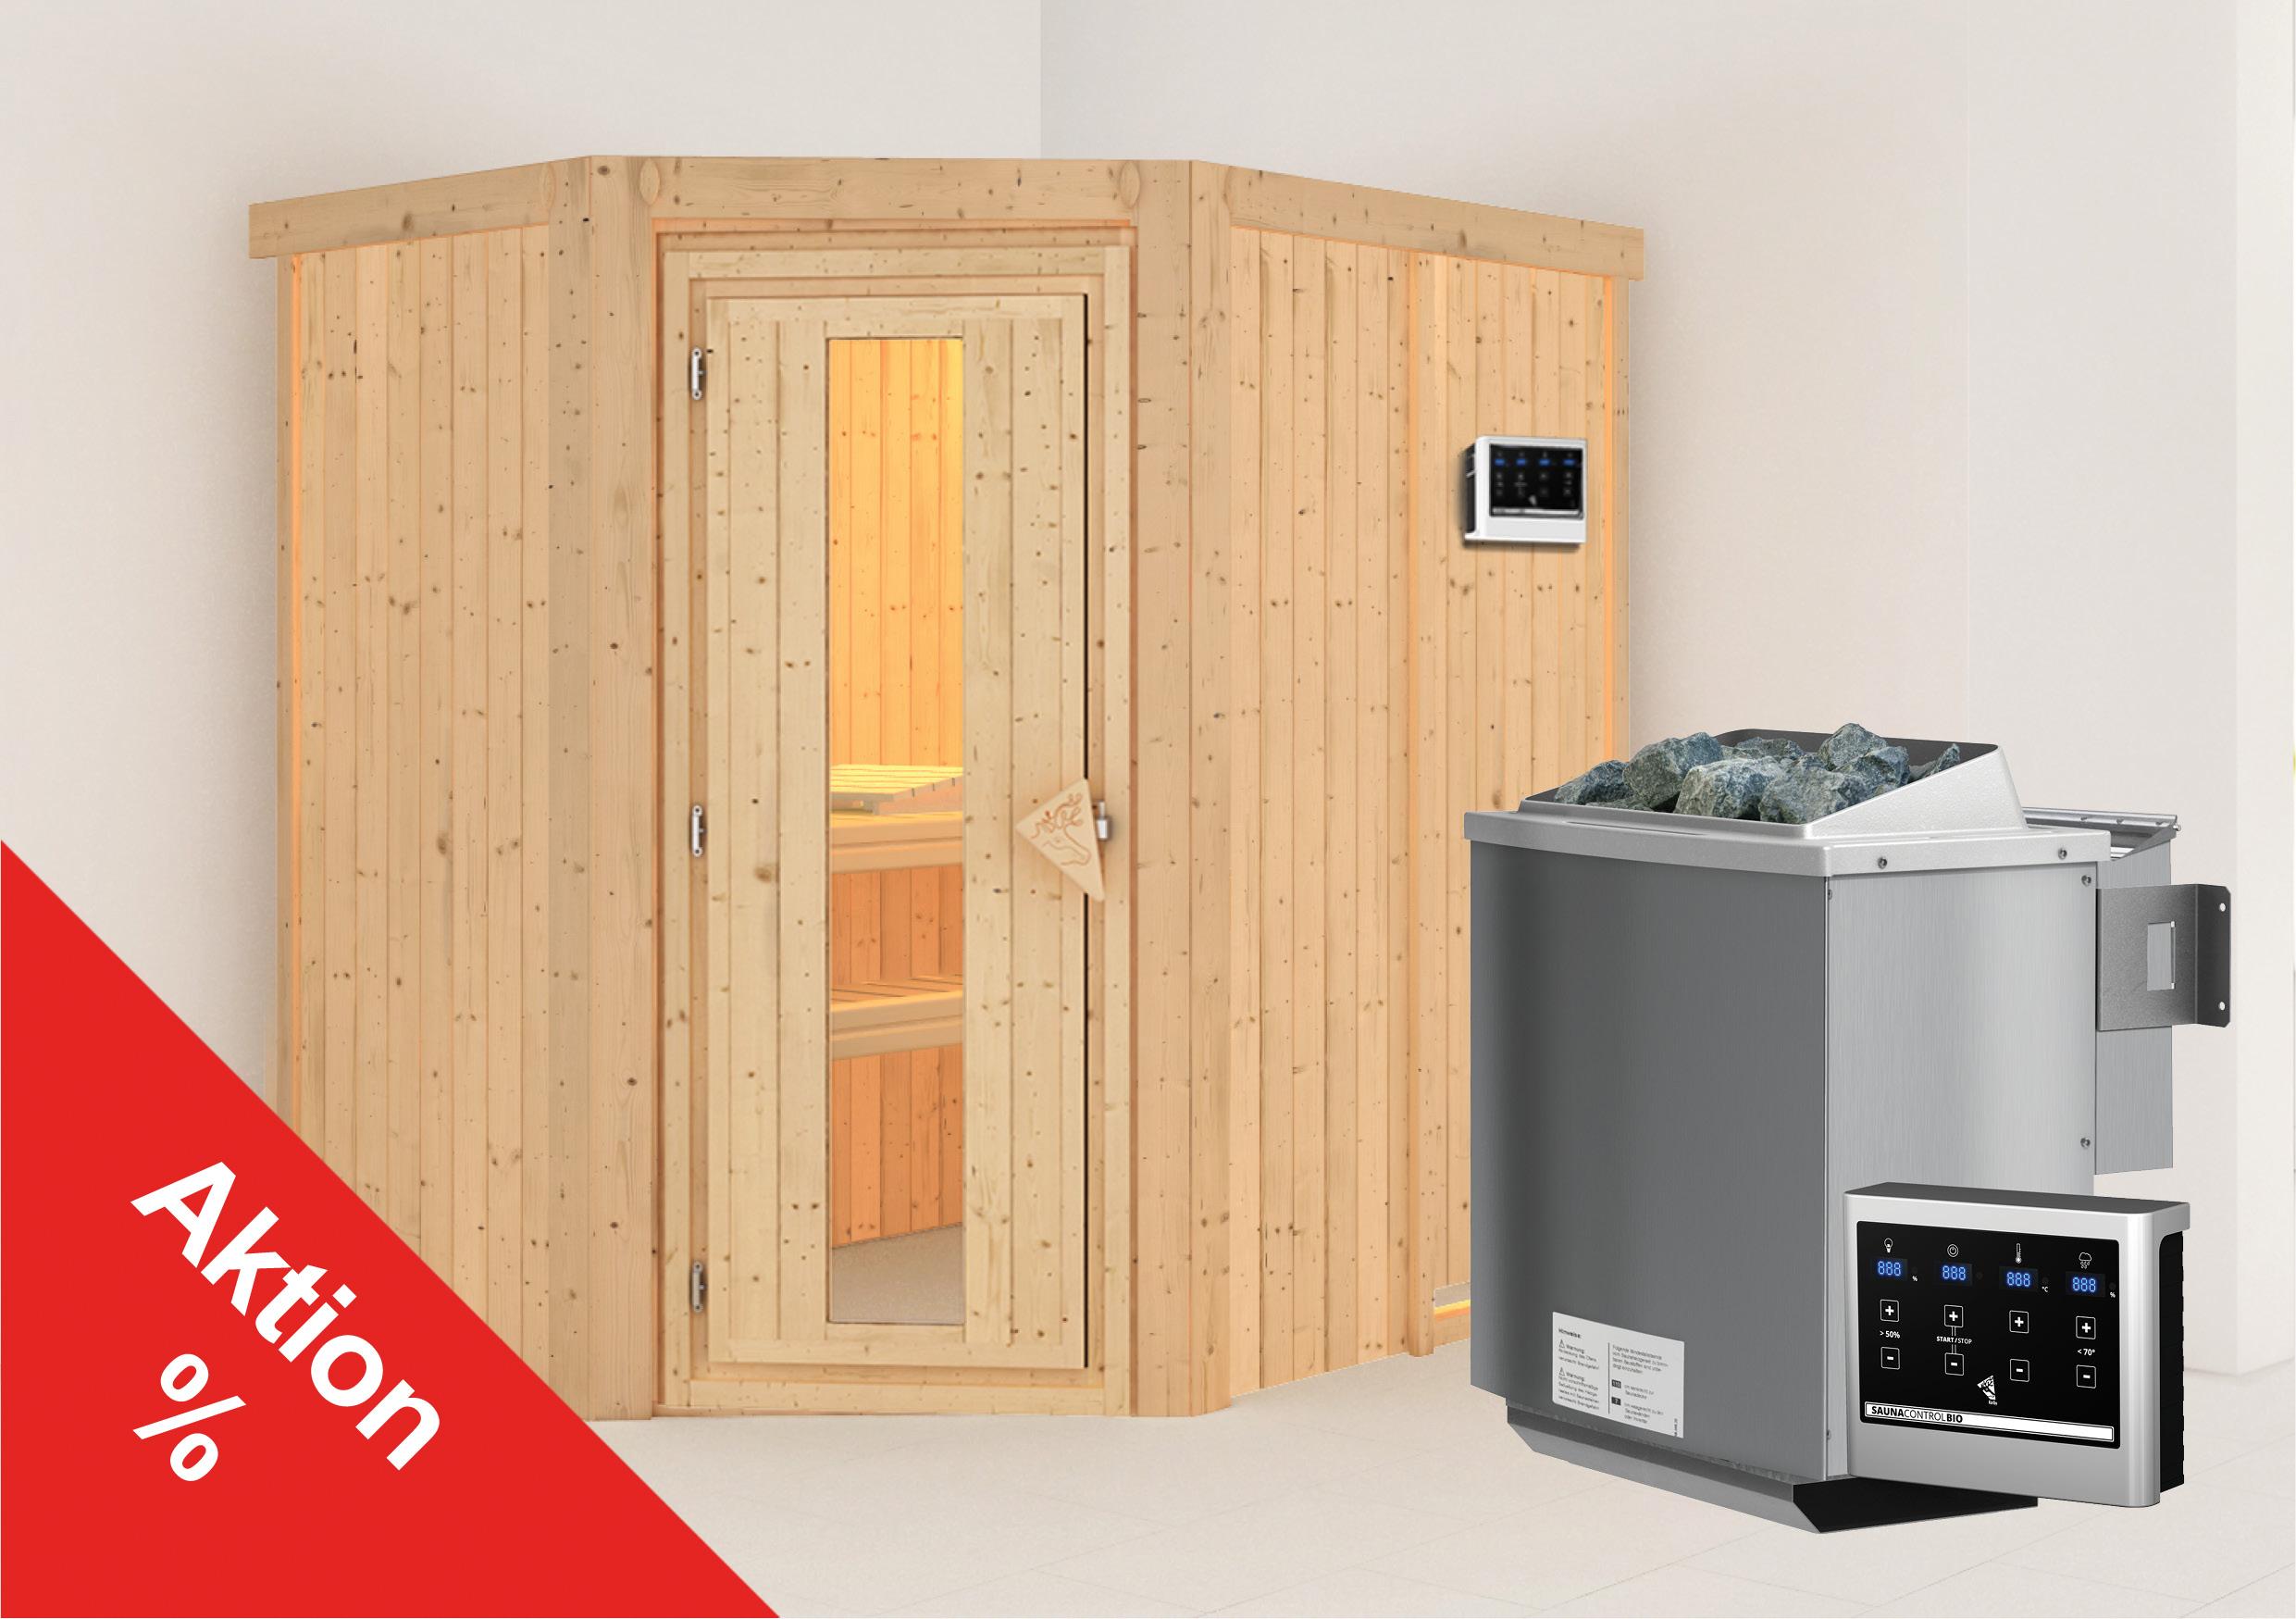 Karibu Sauna Corina 68mm mit Bio Ofen 9kW extern Holztür Aktion Bild 1